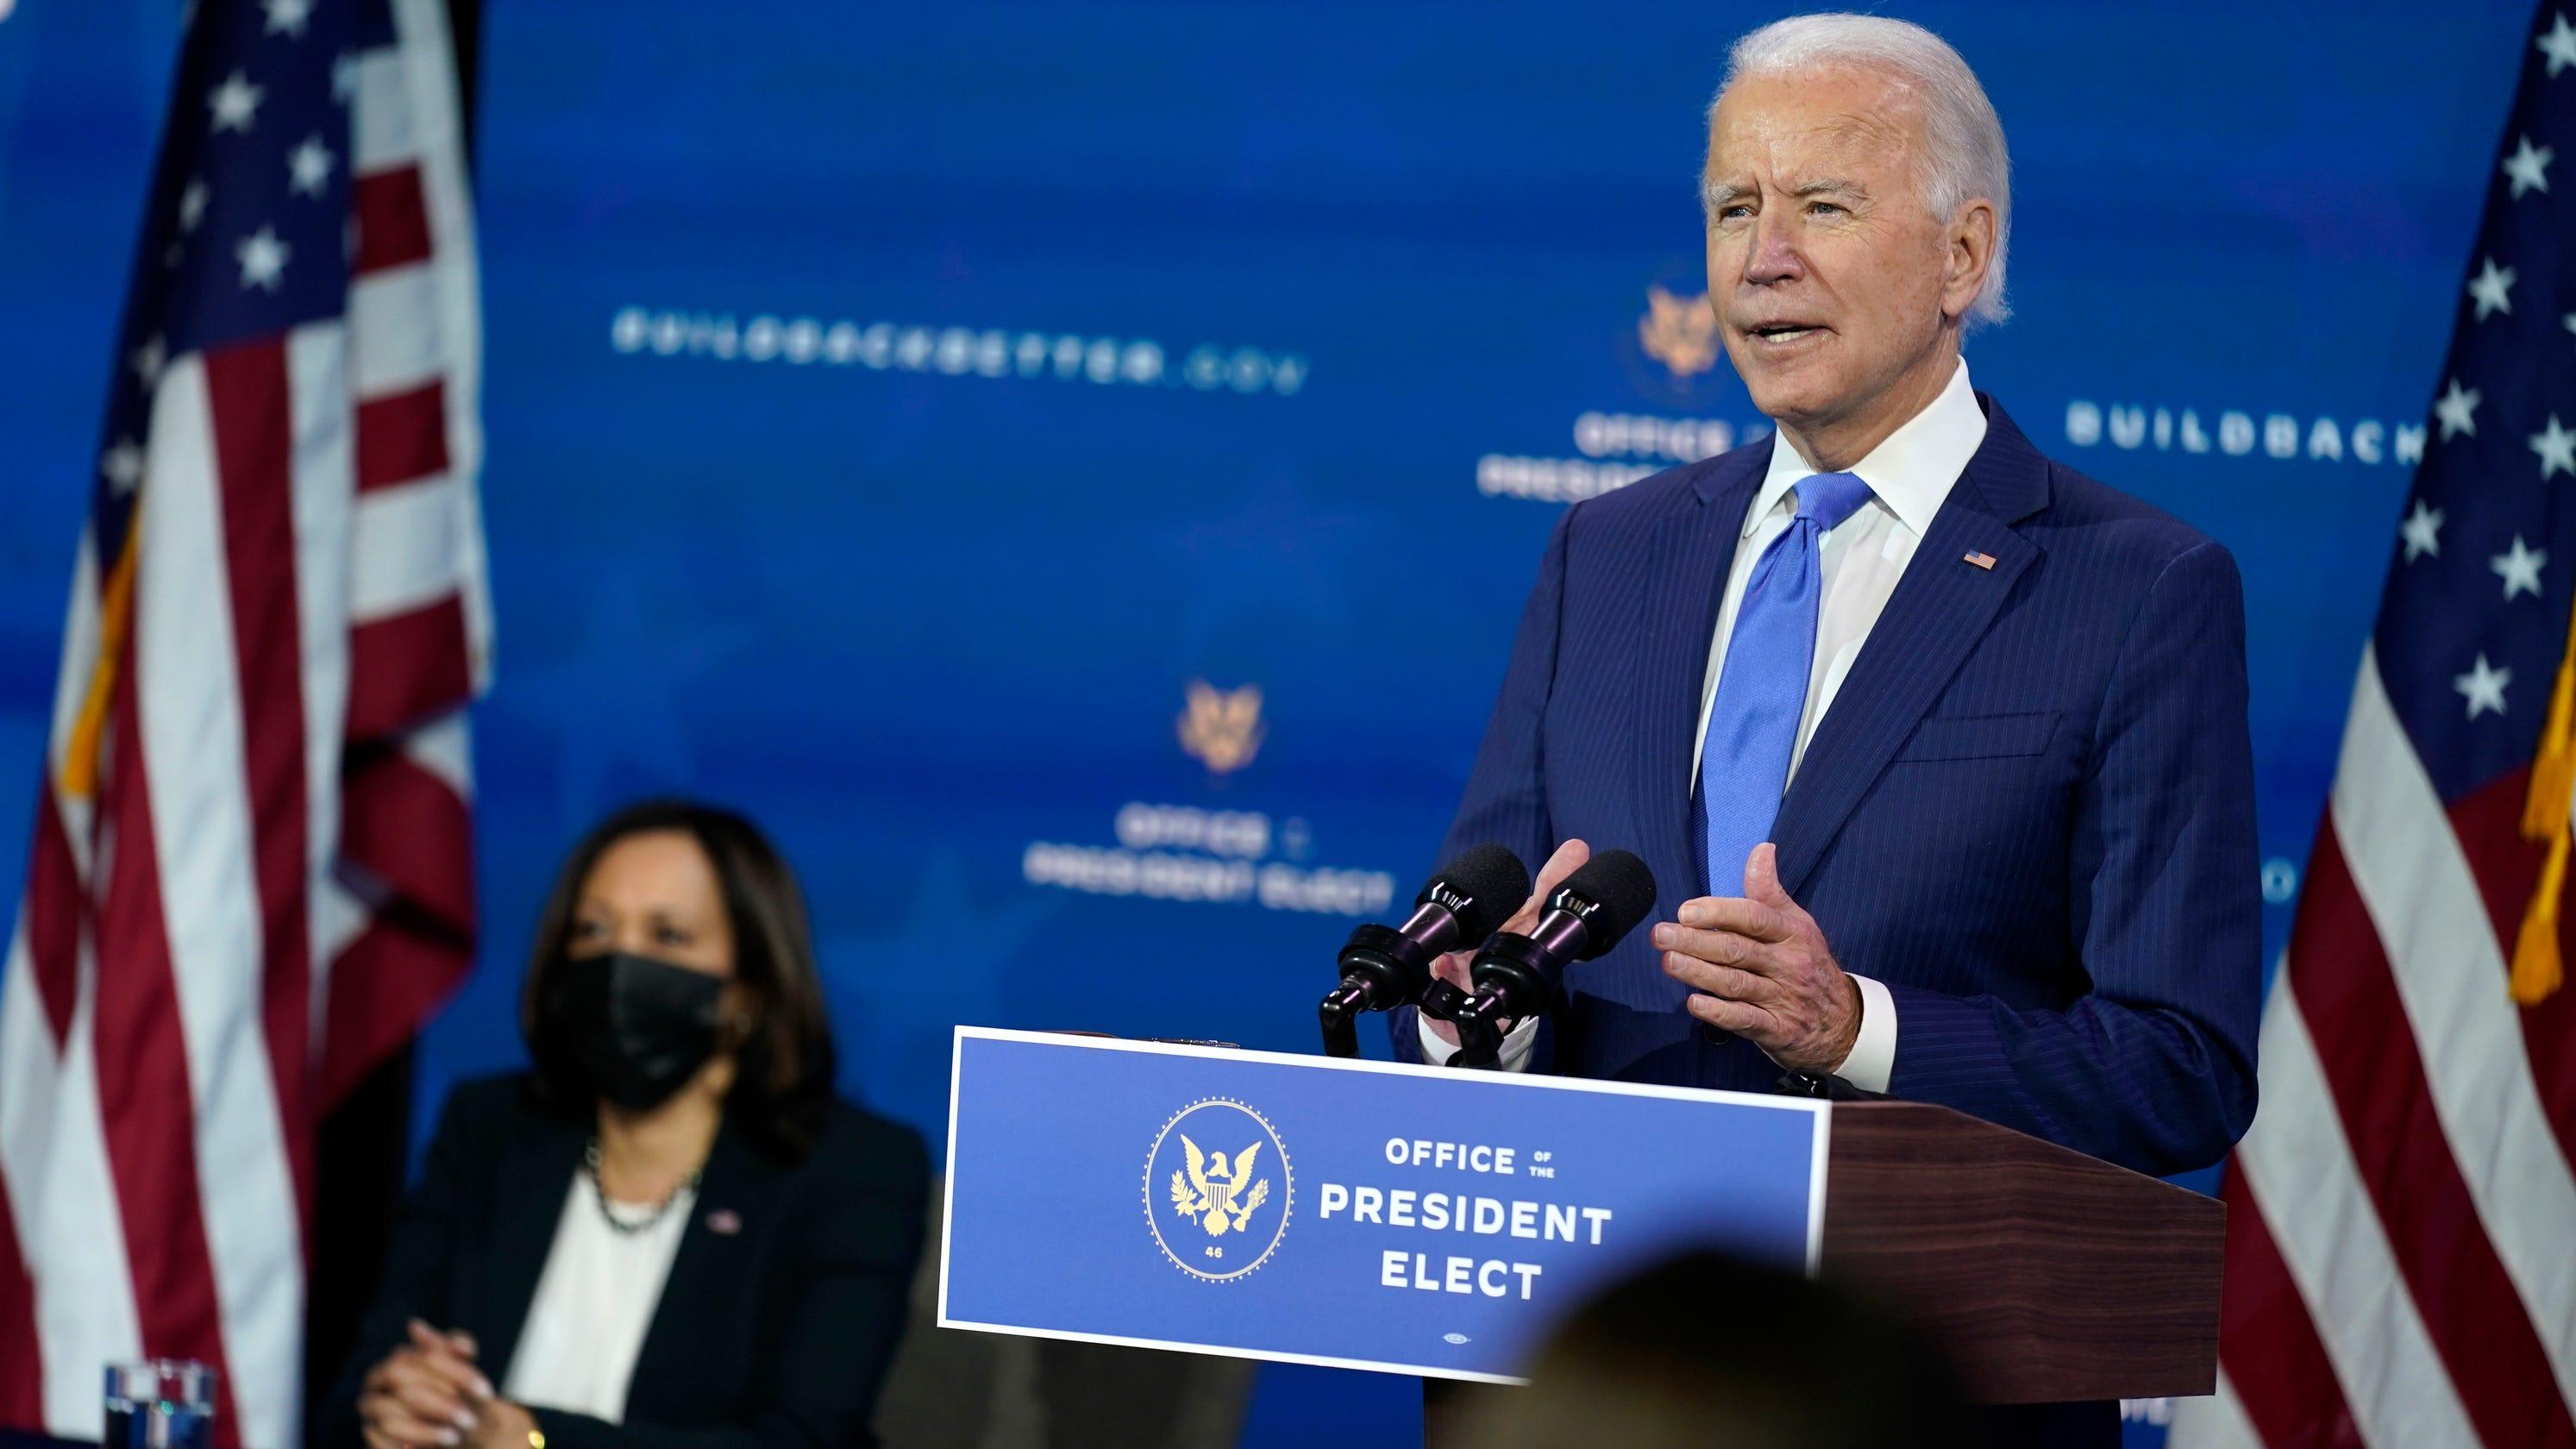 Live politics updates: Kellyanne Conway acknowledges Biden as election winner